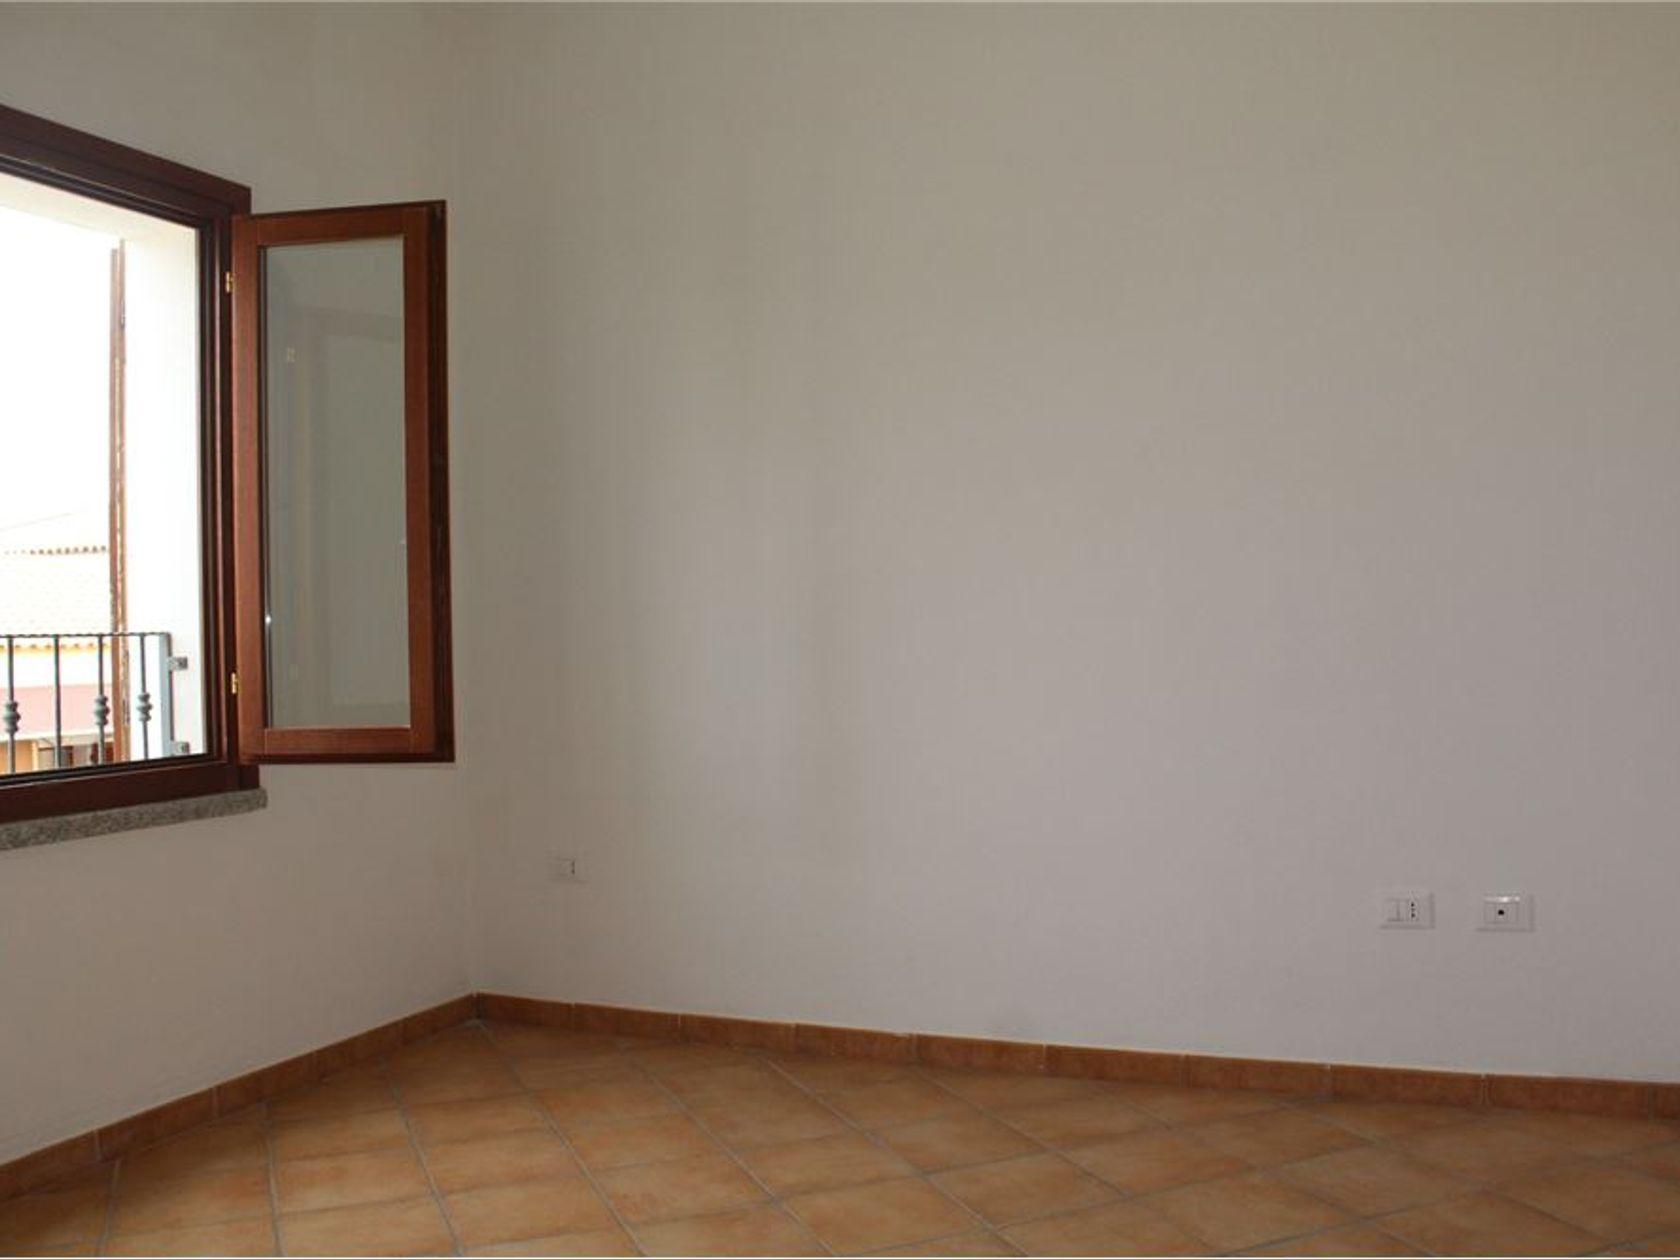 Appartamento Santa Teresa Gallura, OT Vendita - Foto 3